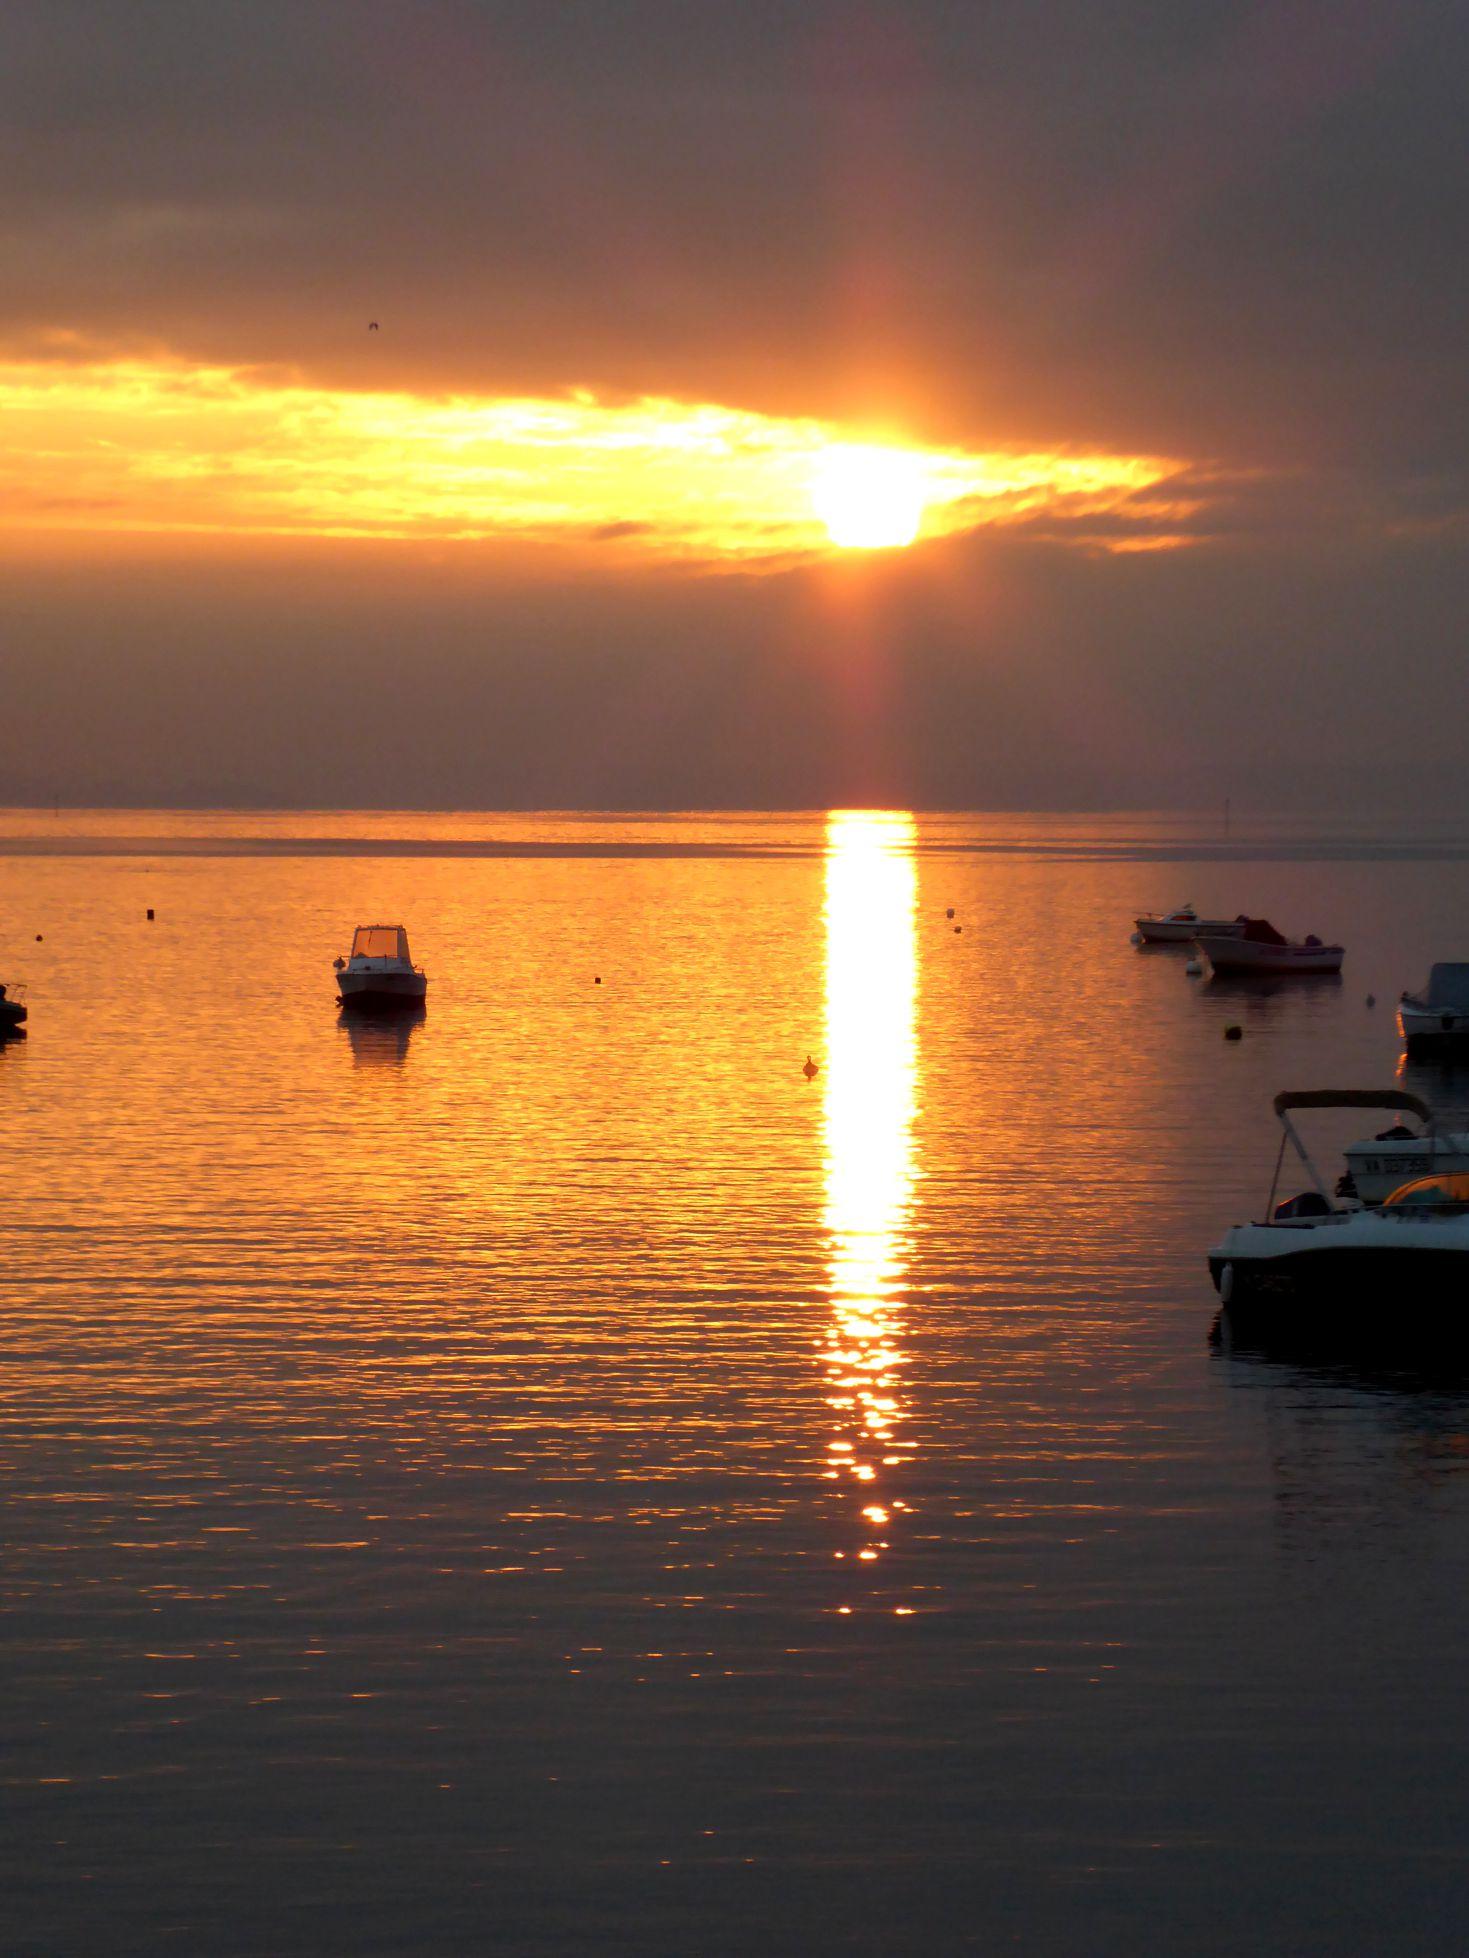 Du changement kervoyal l 39 automne vif - Heures de lever et coucher du soleil 2015 ...